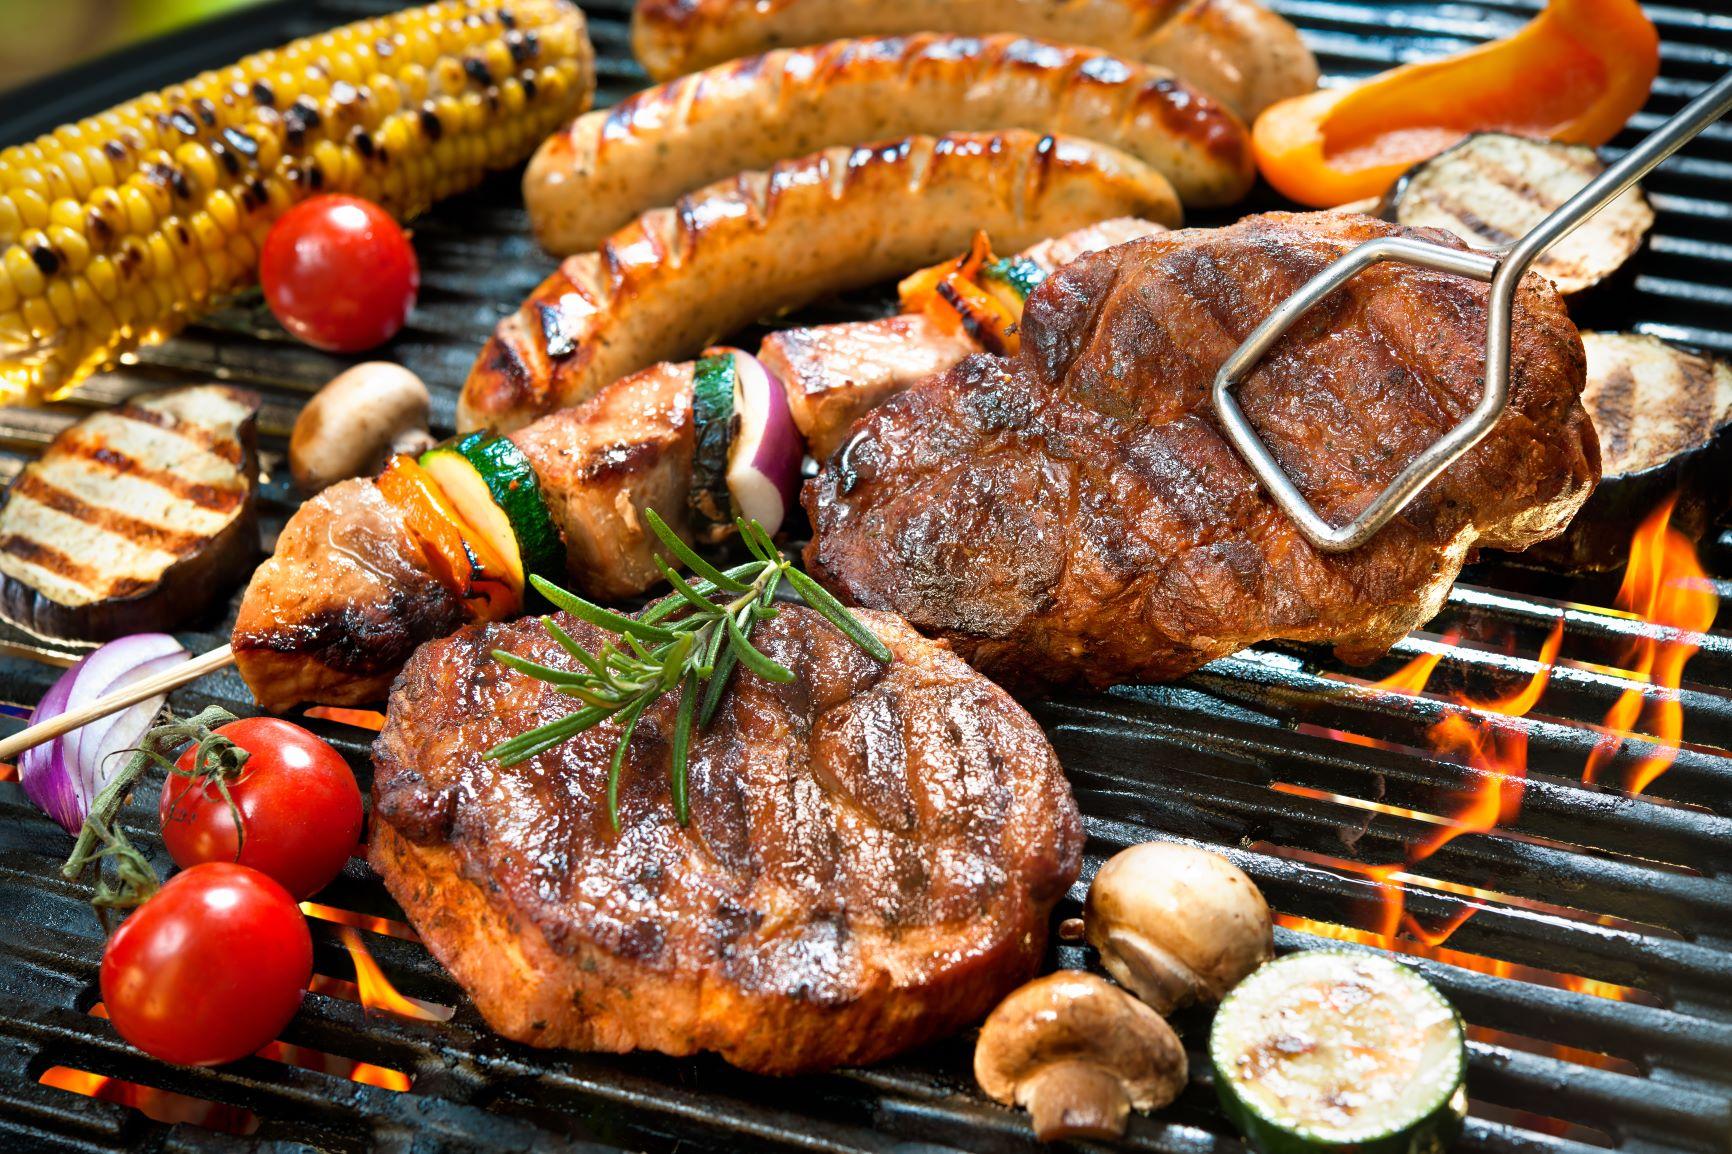 Das diesjährige Sommerfest findet am 13. August 2020 um 16.00 Uhr statt. Wir freuen uns Sie bei leckeren Köstlichkeiten und einem abwechslungsreichen Programm begrüßen zu dürfen.